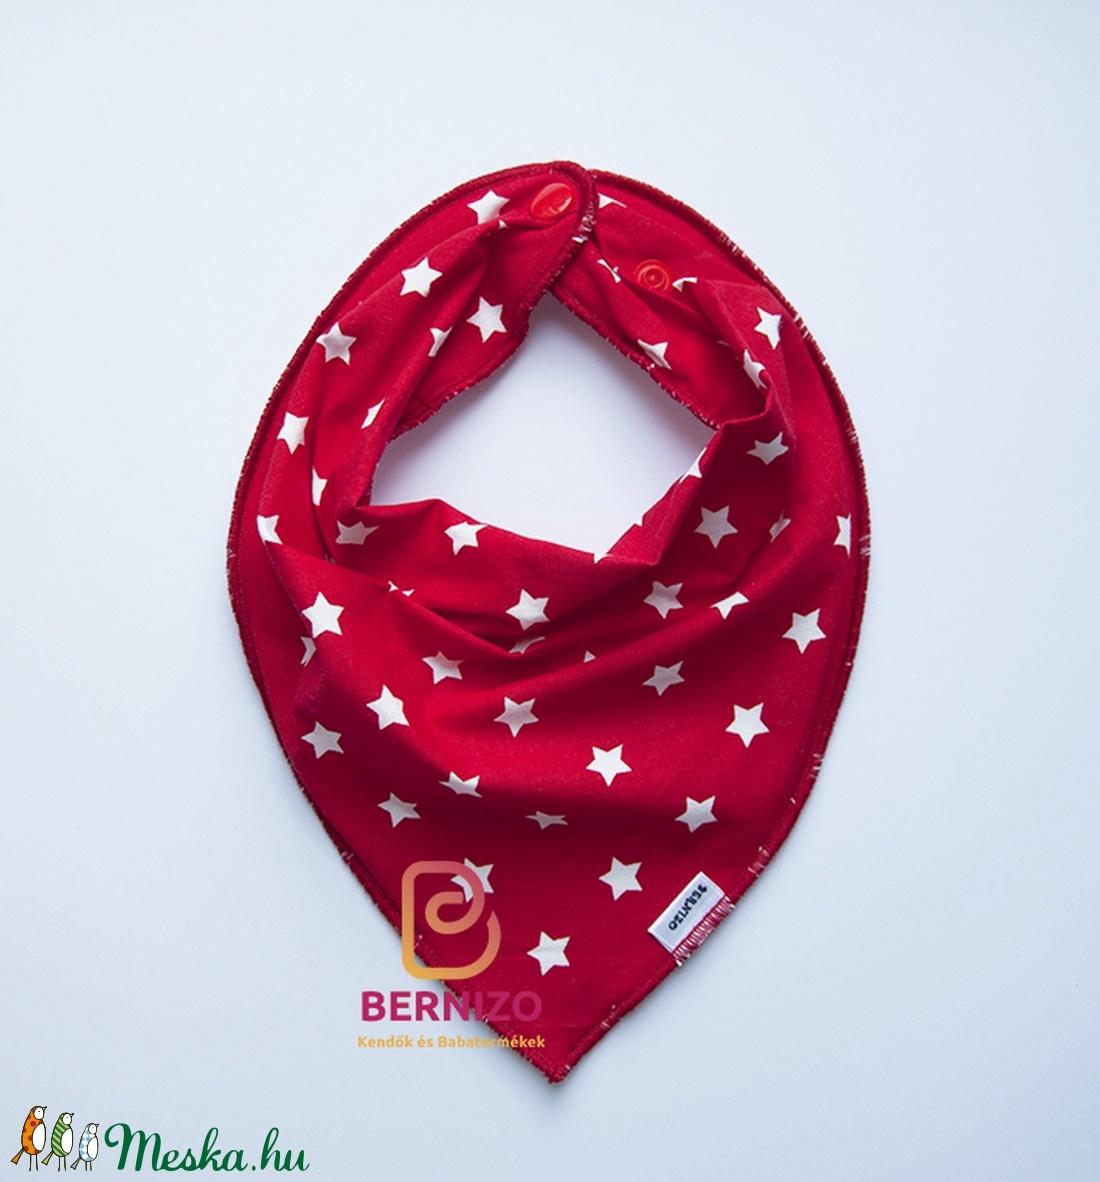 Piros csillagos nyálkendő/babakendő (Bernizo) - Meska.hu